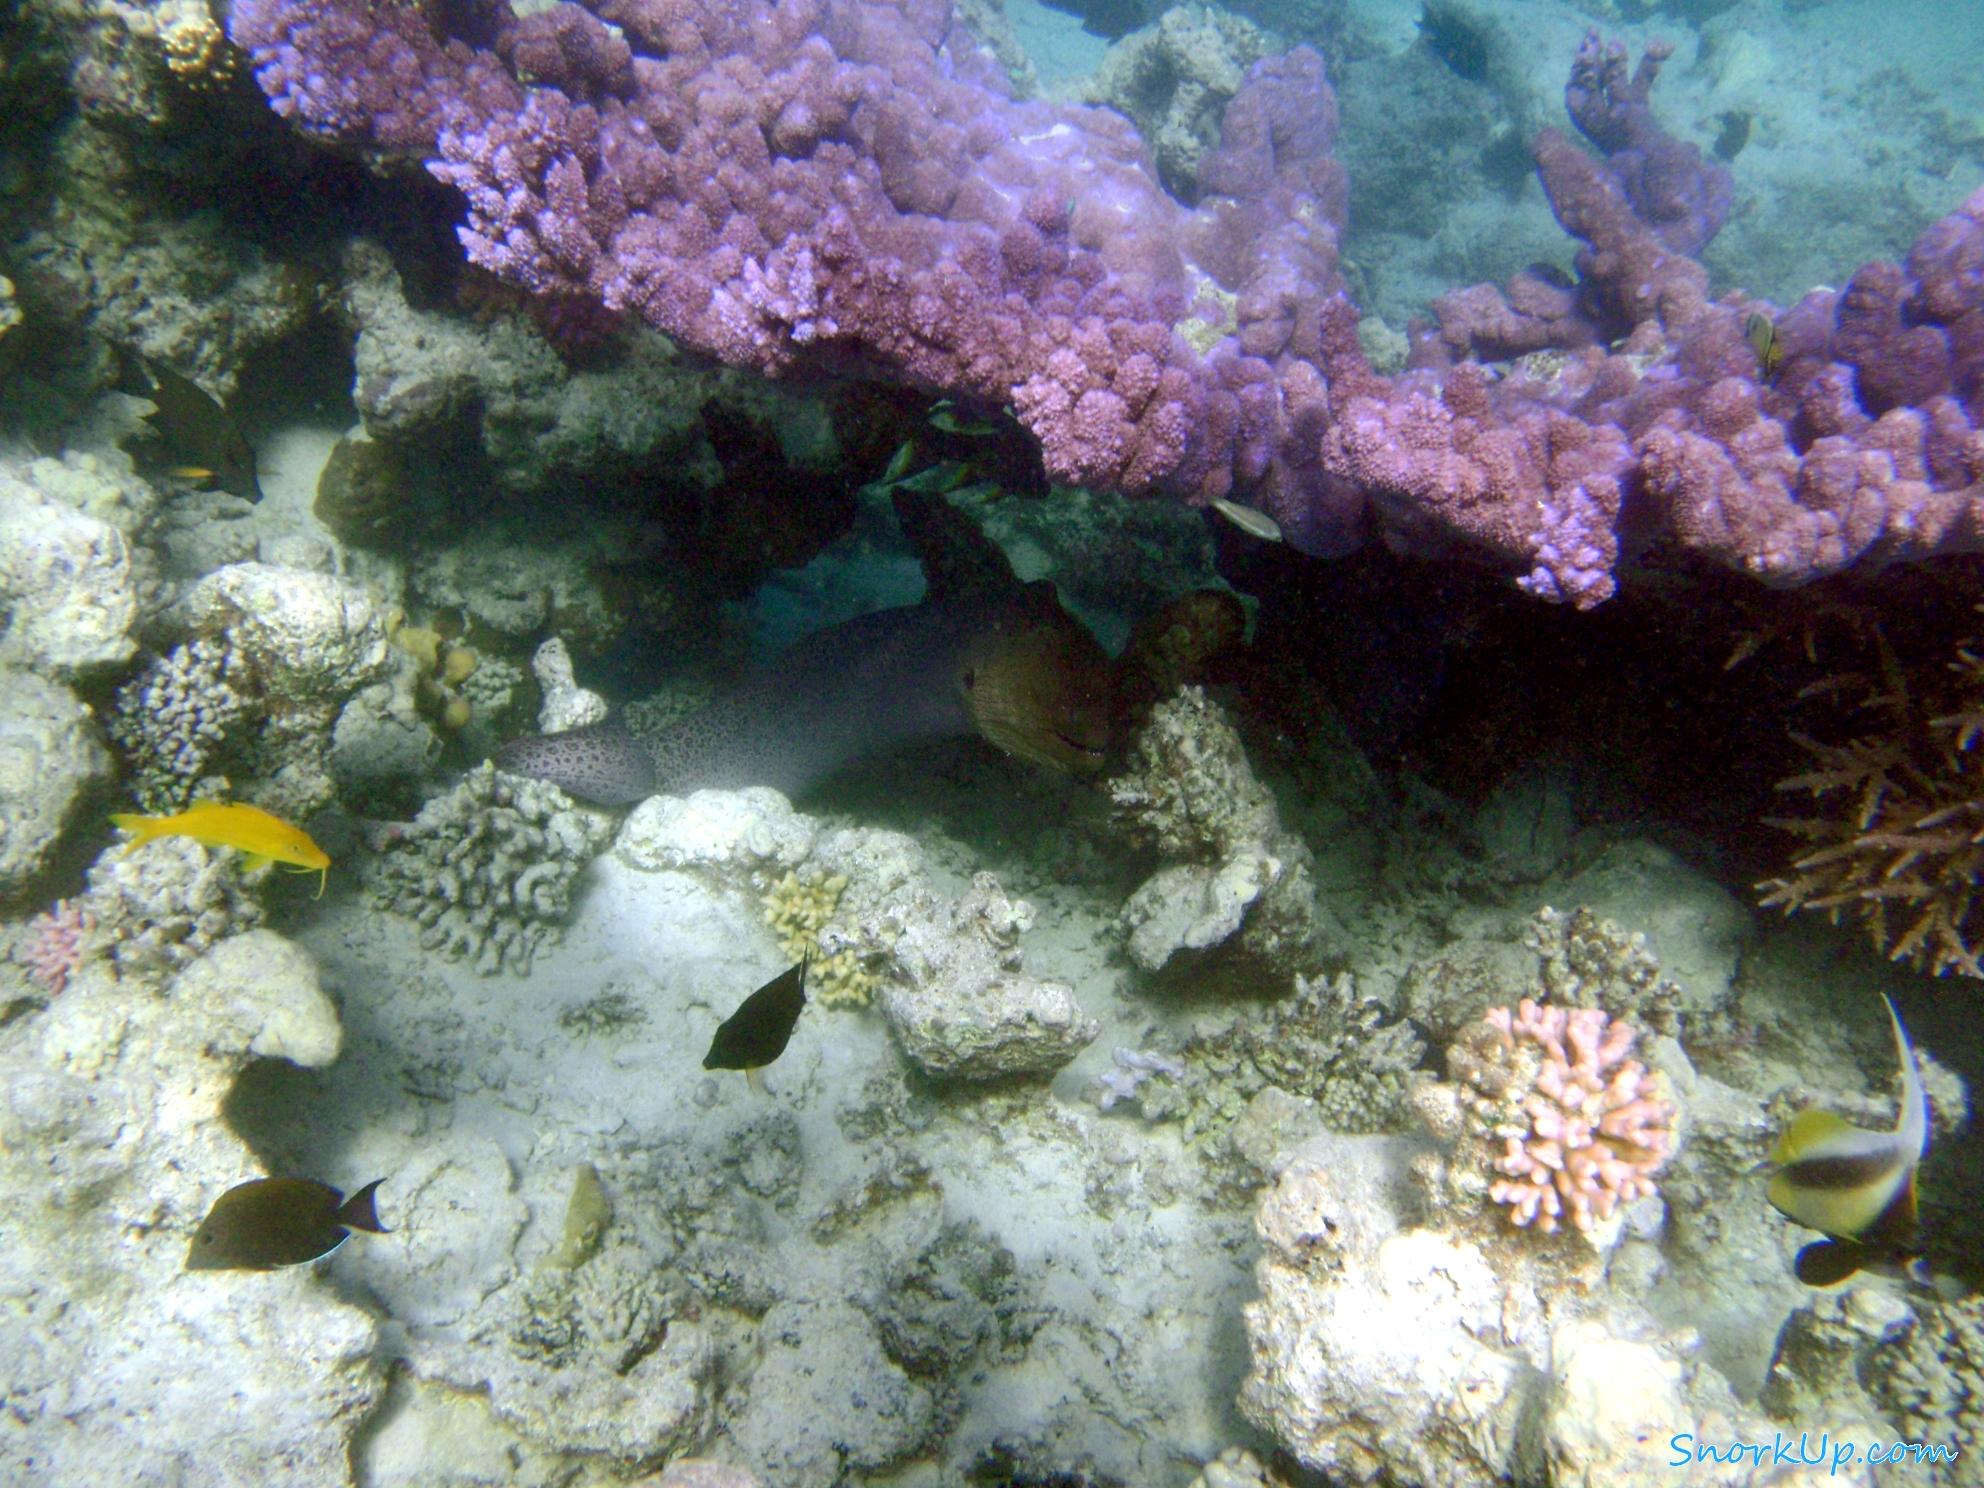 Гигантская мурена под древовидным синим кораллом (это еще «мелкий» экземляр коралла )